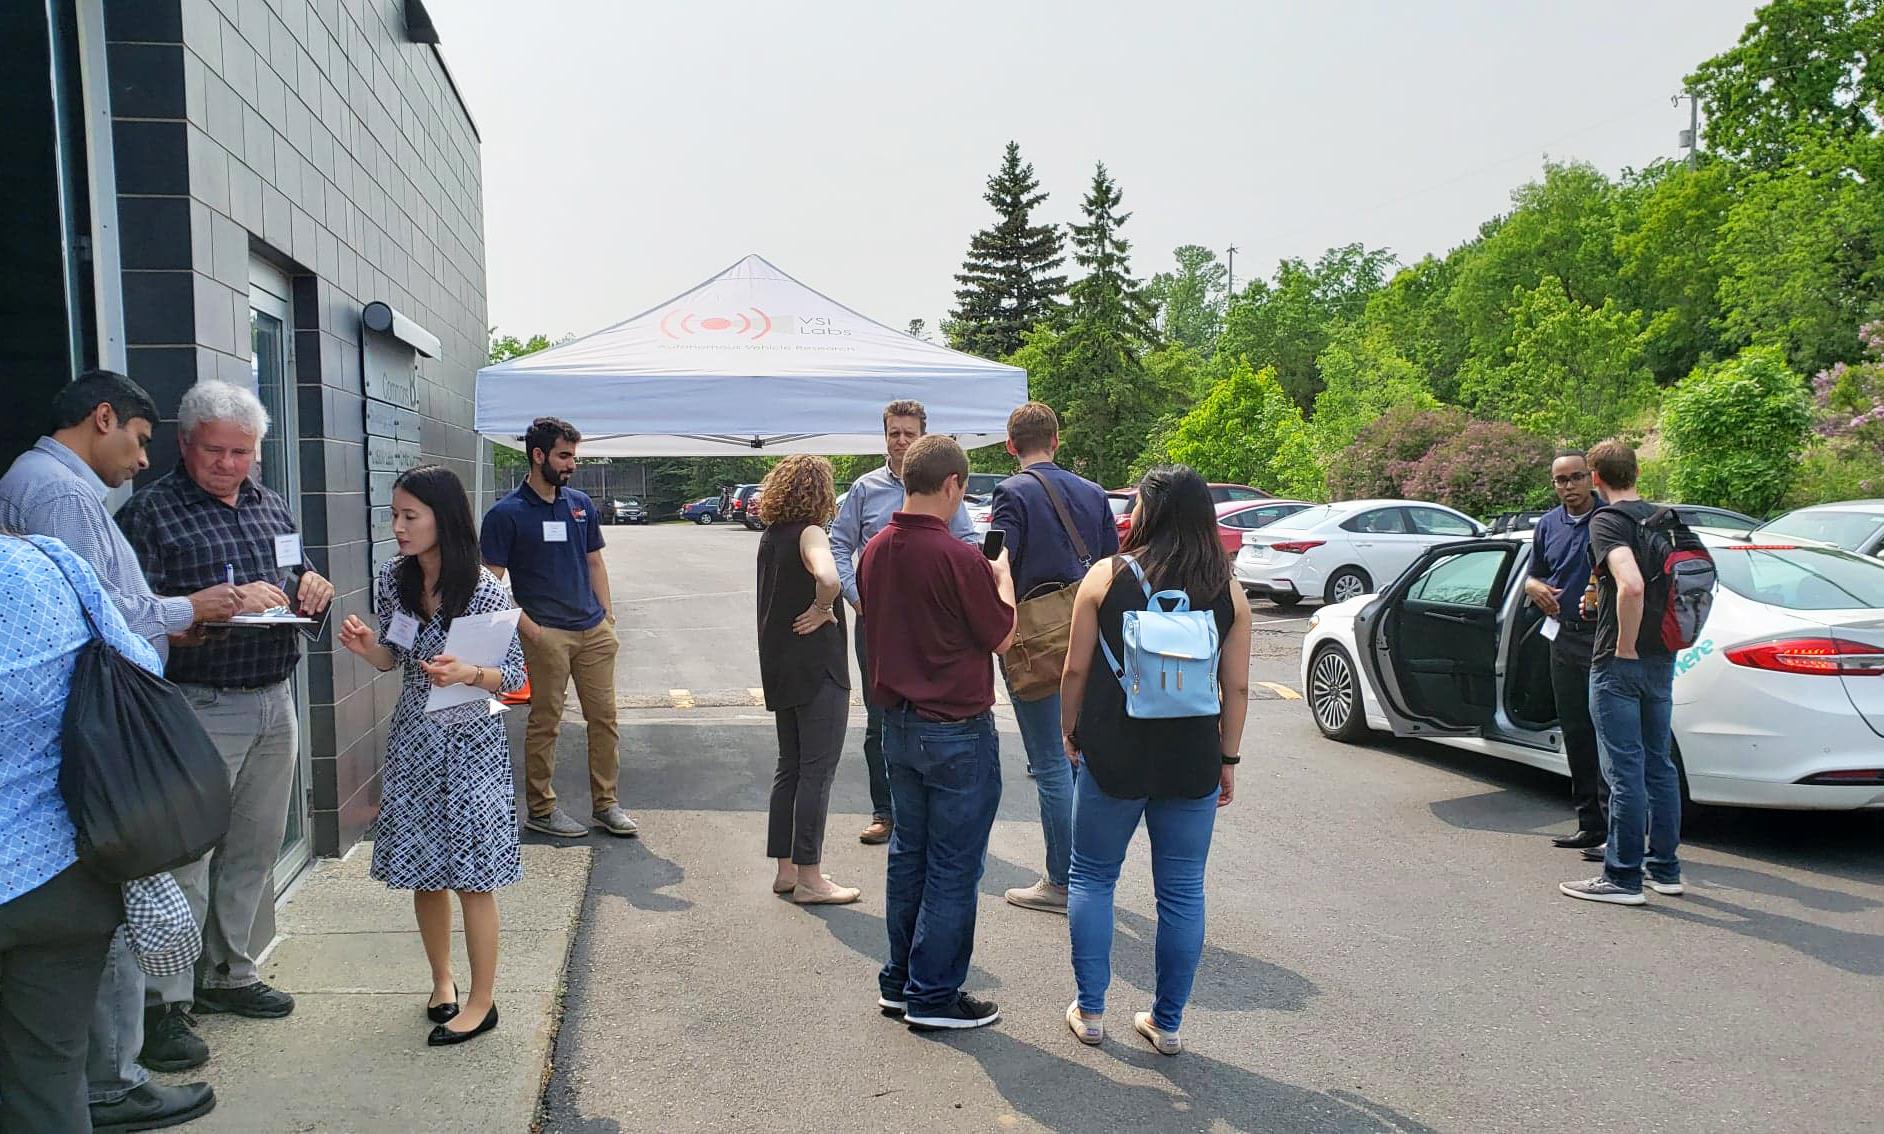 SciTech, SciTechsperience, VSI Labs, autonomous vehicle technology, autonomous car, self-driving car, road trip